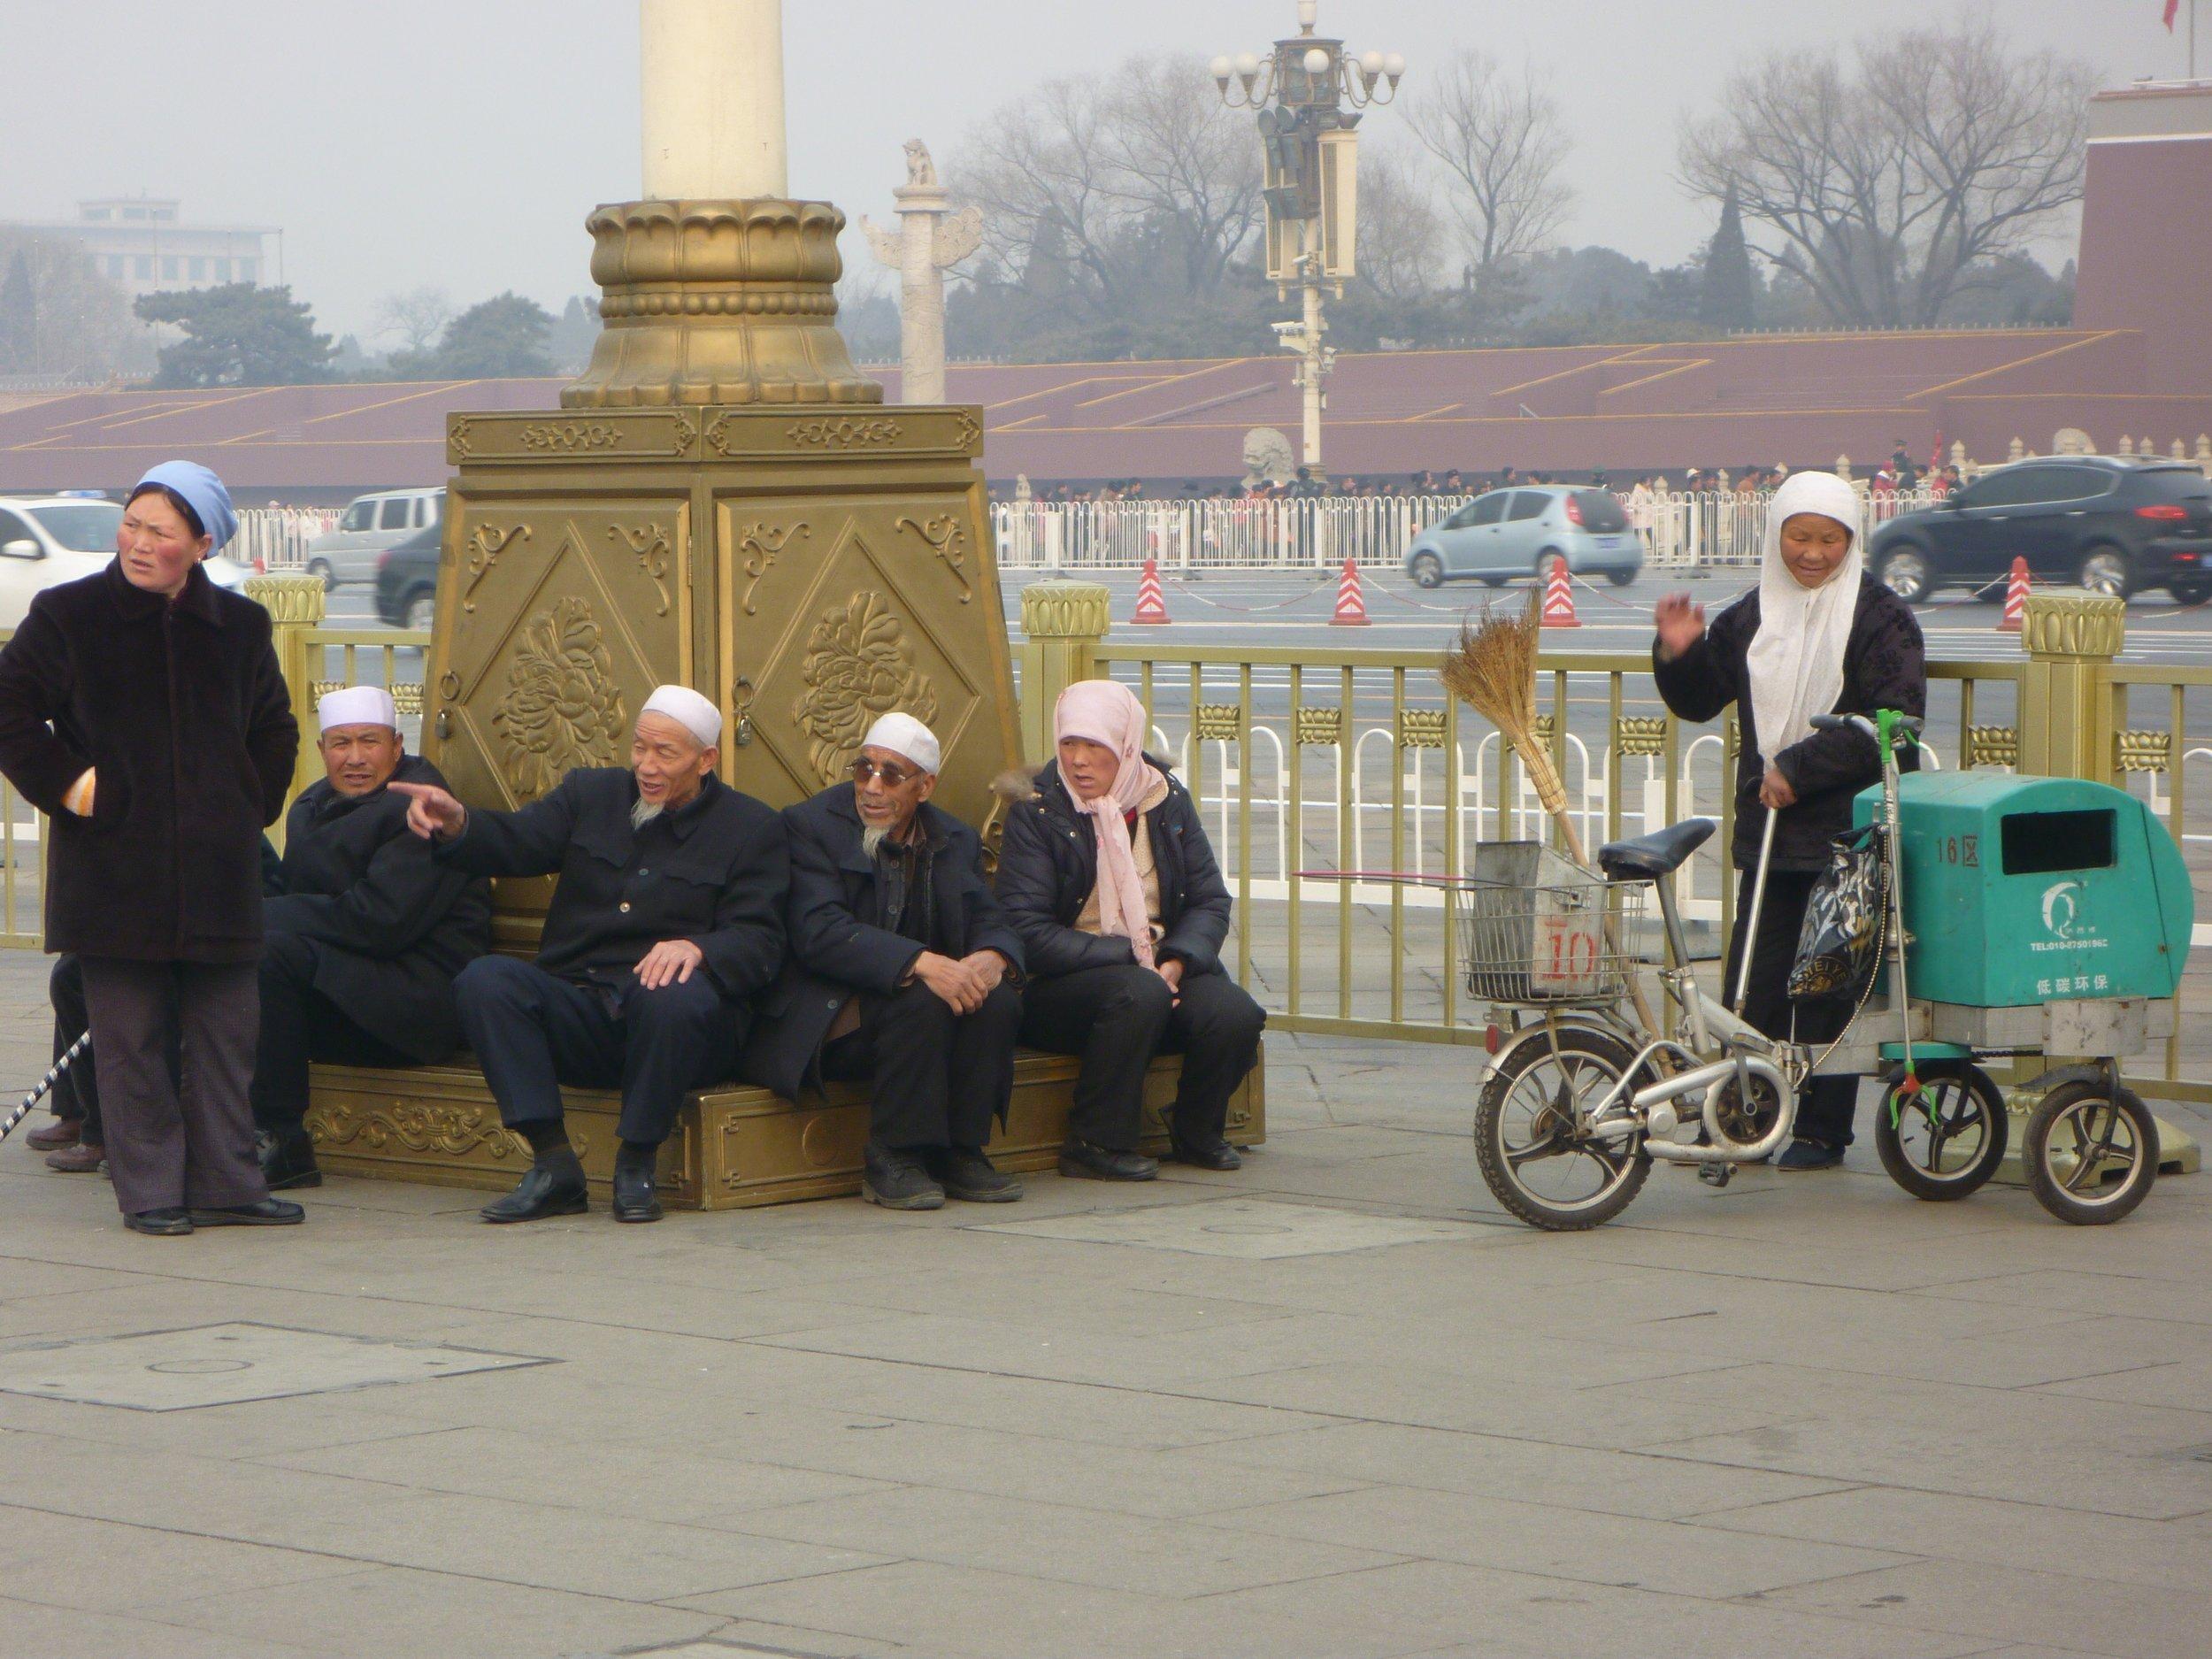 Uighur Minorities congregate in Tienanmen Square, Beijing.